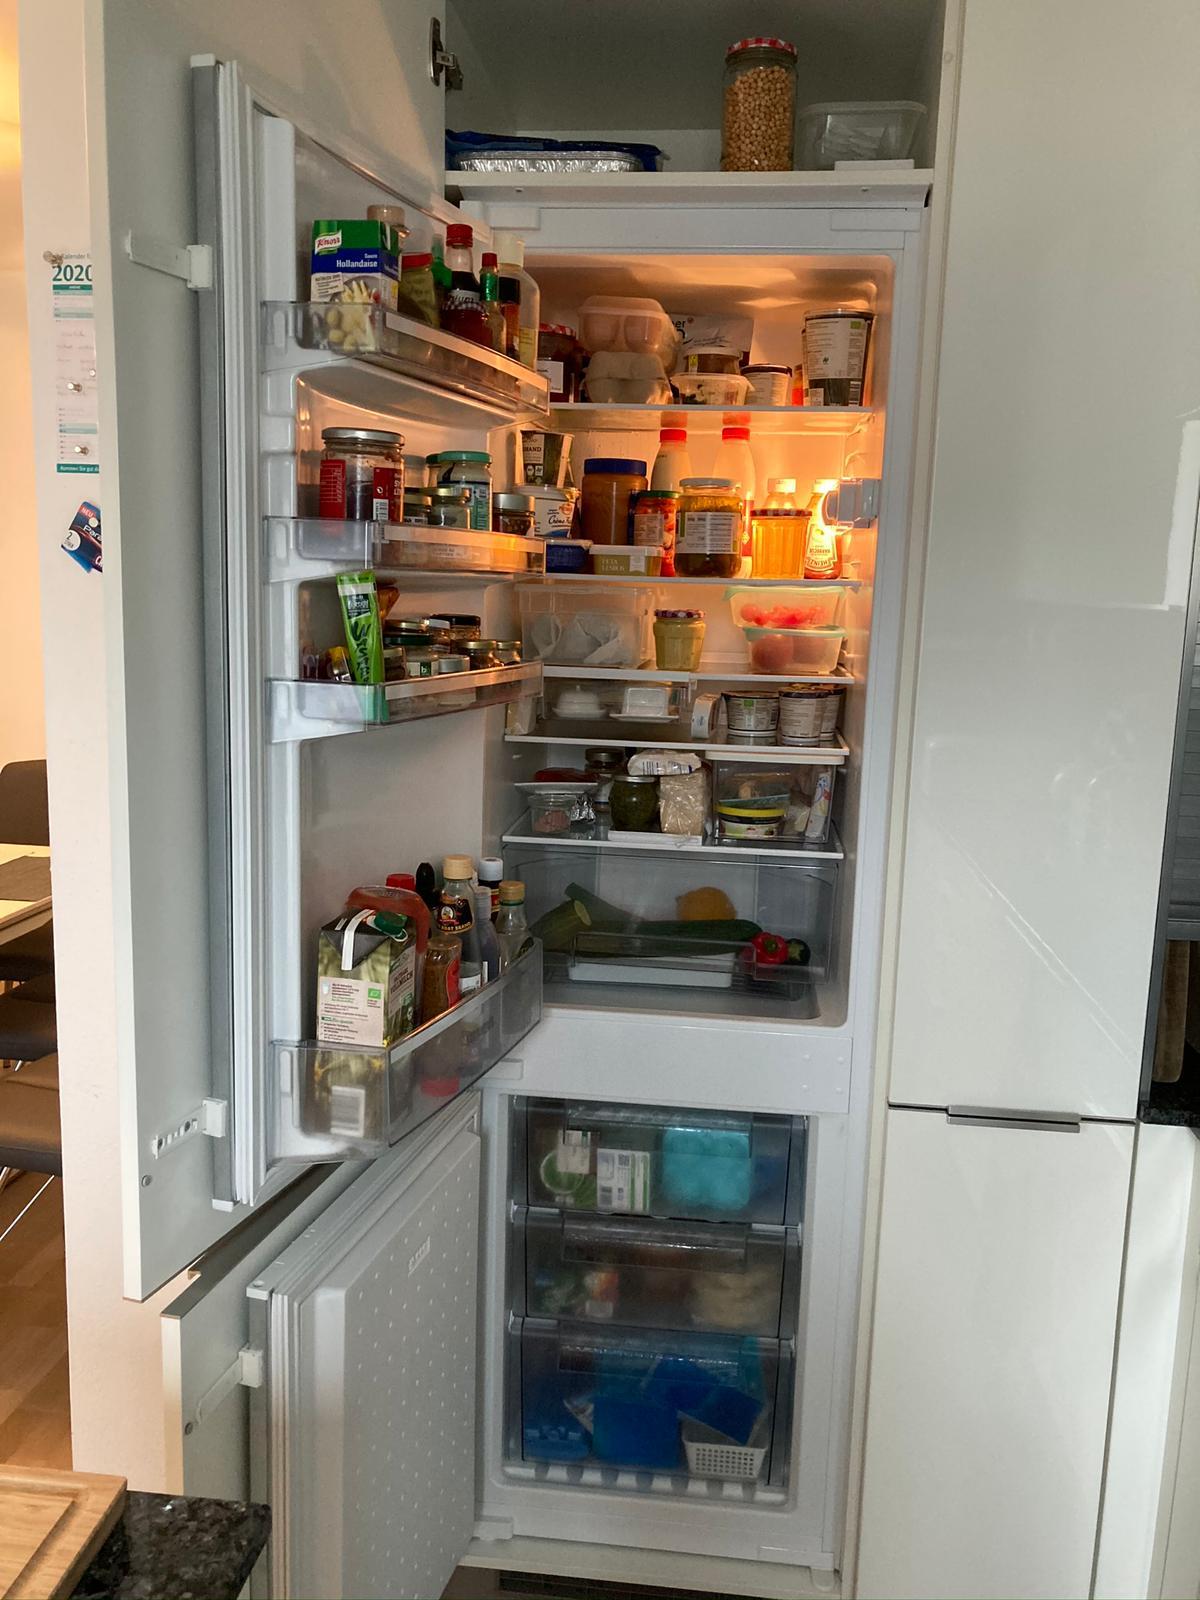 zu sehen: hohe Kombi aus Gefrierbereich und Kühlschrank (oben)